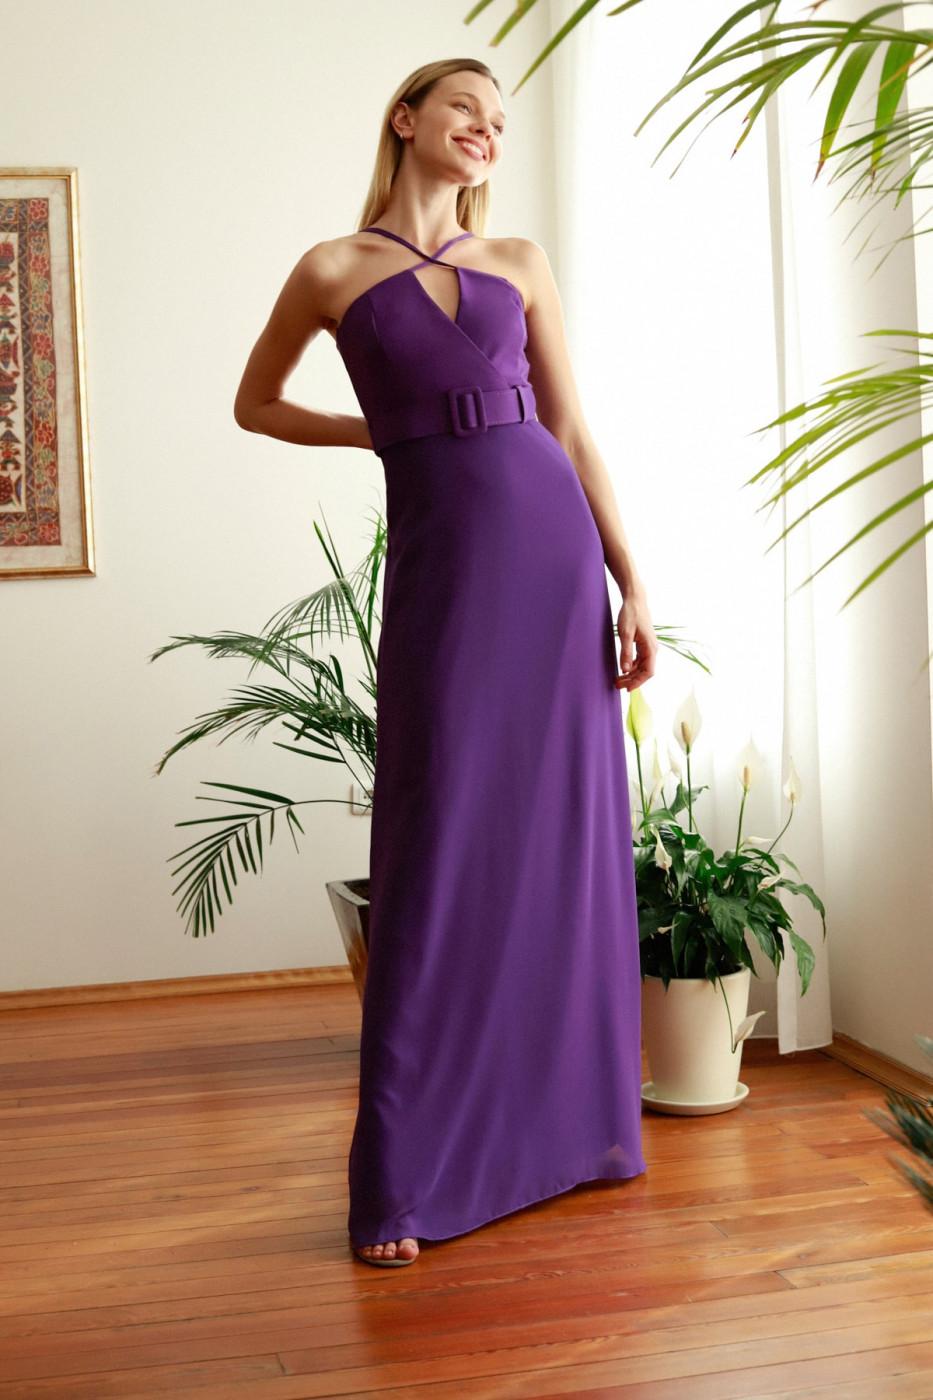 Trendyol Mürdüm Hanger Evening Evening Dress & Graduation Dress